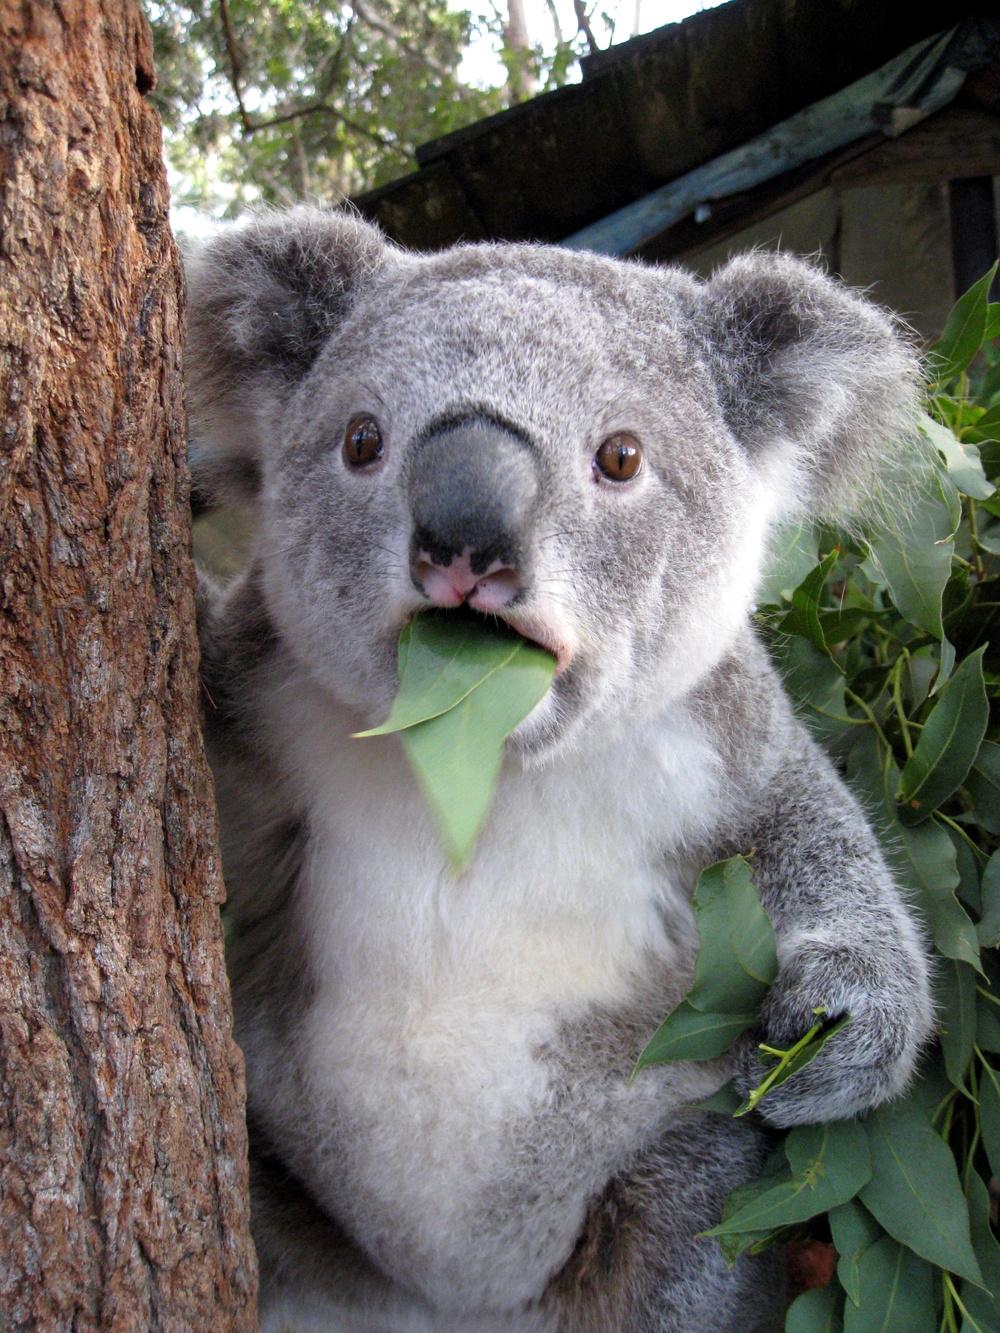 koala_med_blad_i_munden